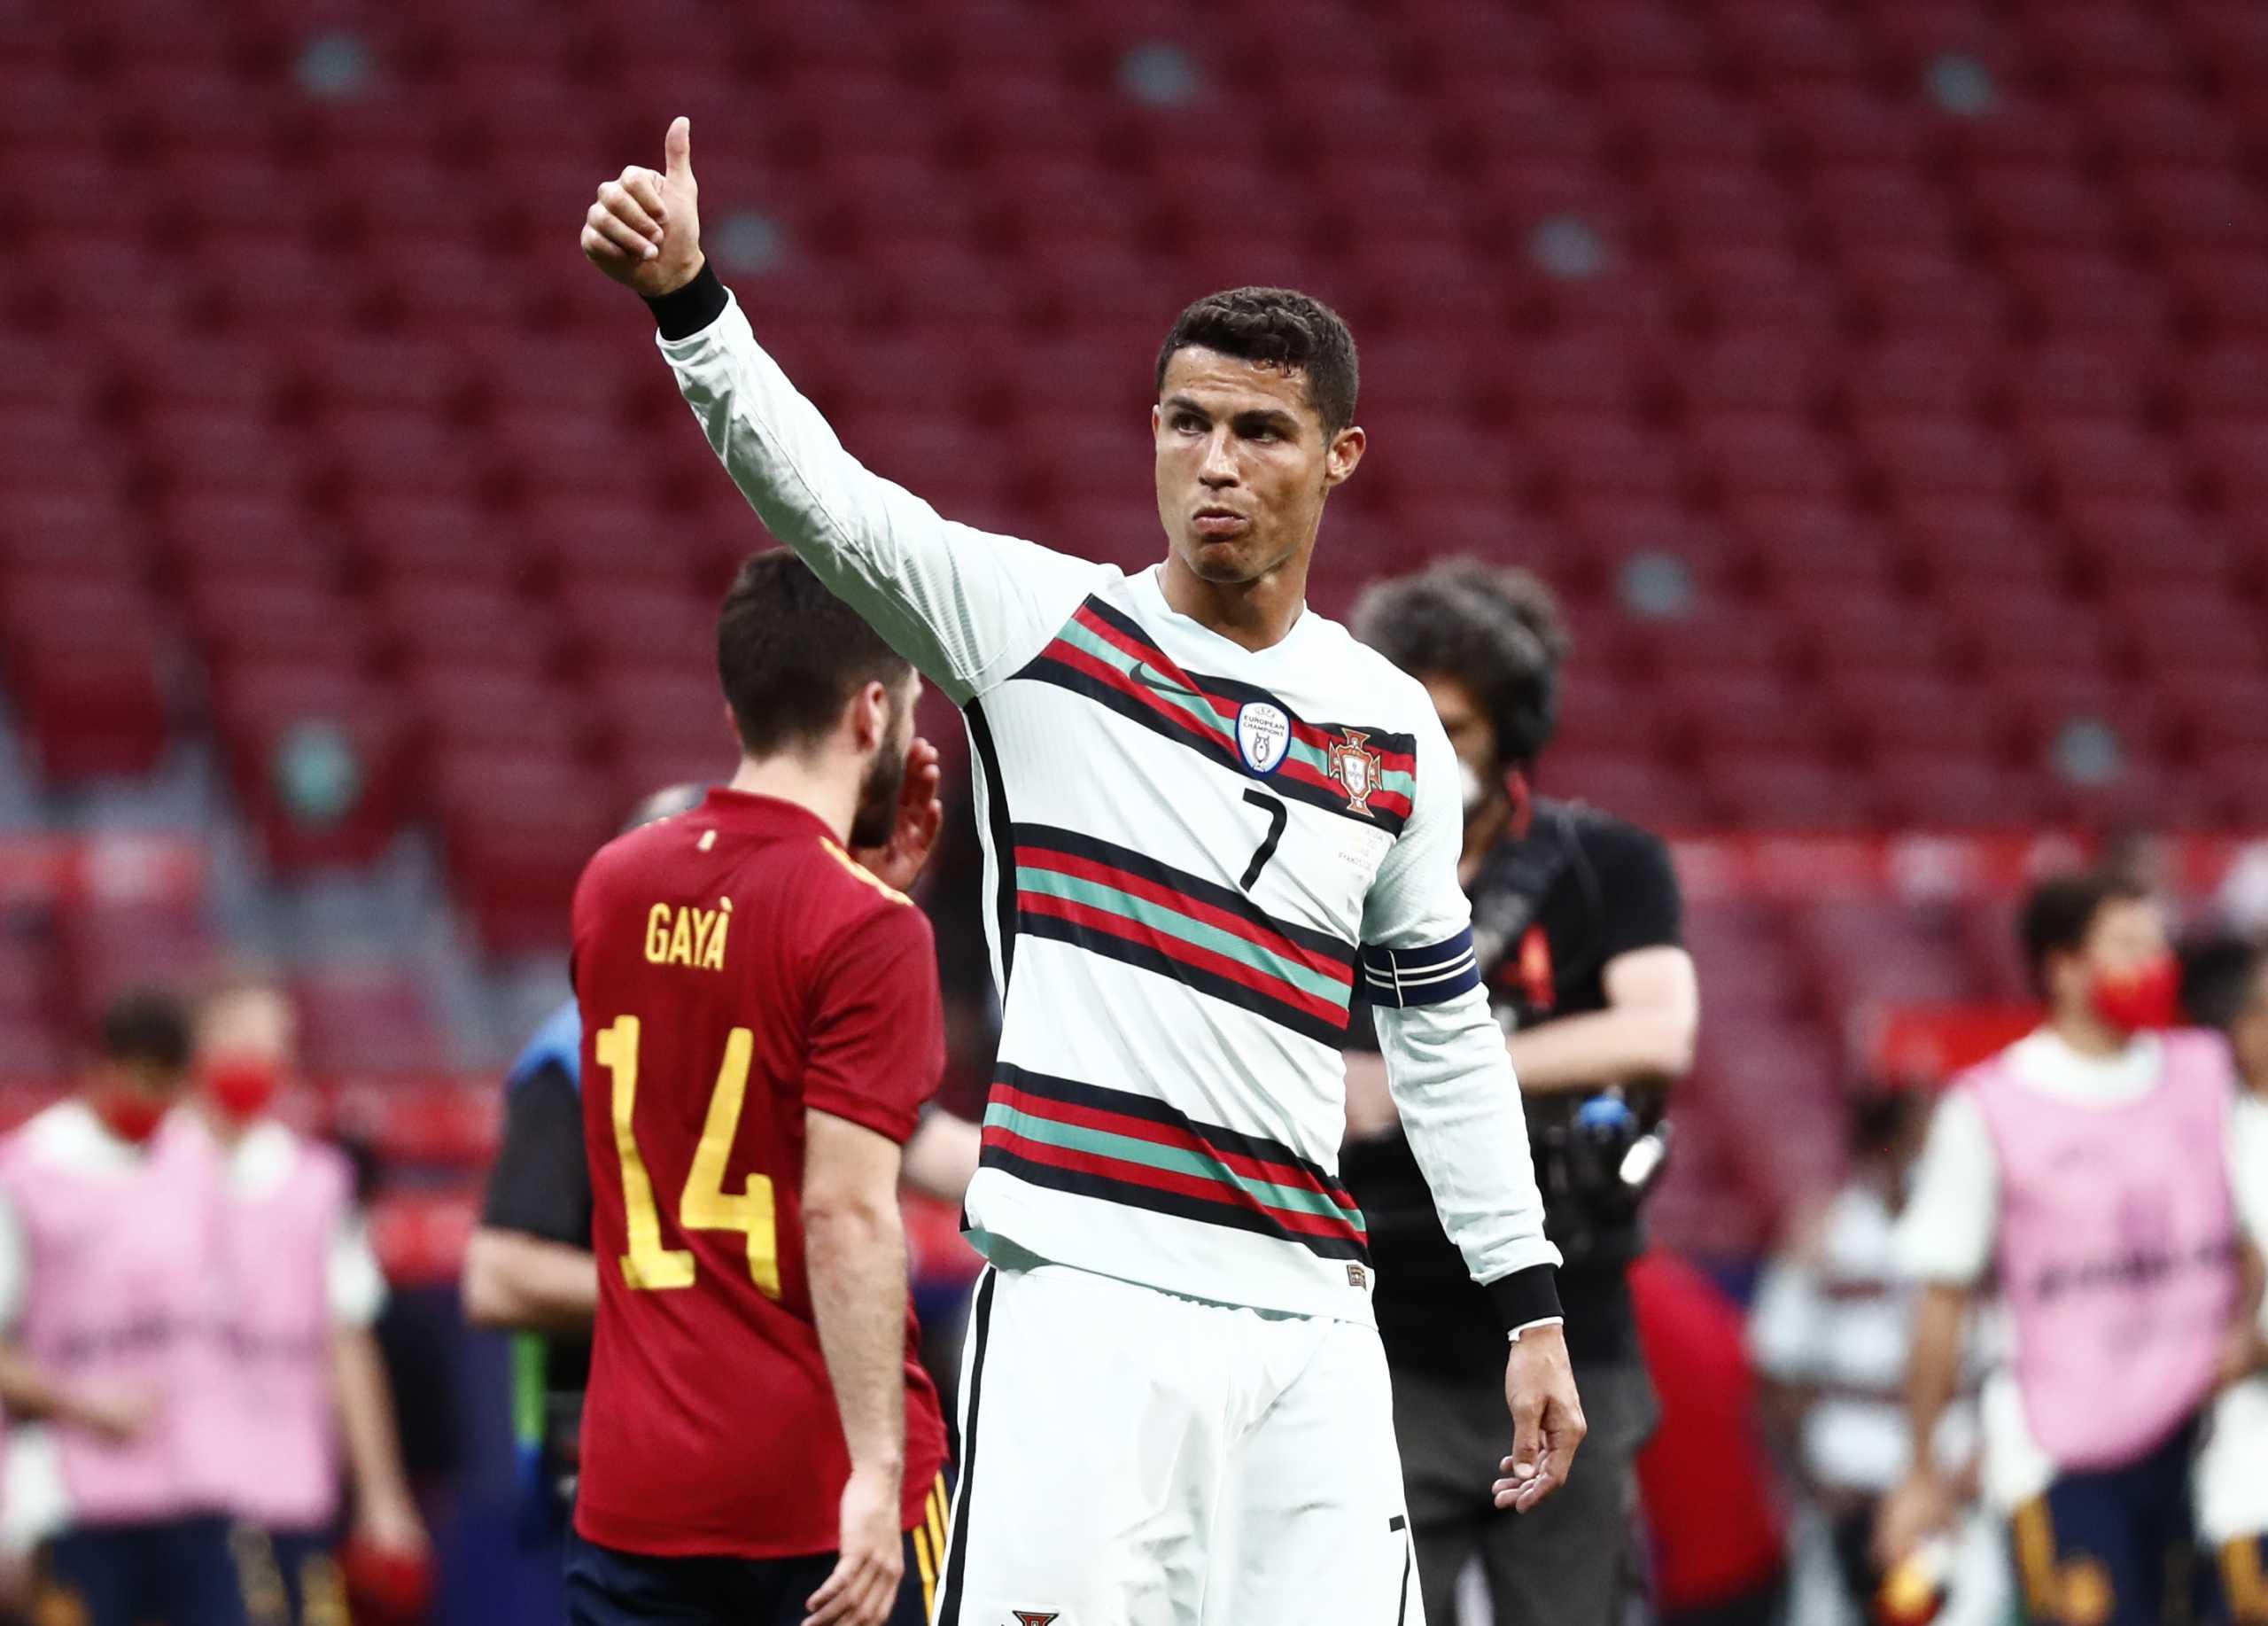 Αθλητικές μεταδόσεις με το φινάλε των ομίλων στο Euro 2020 (23/6)